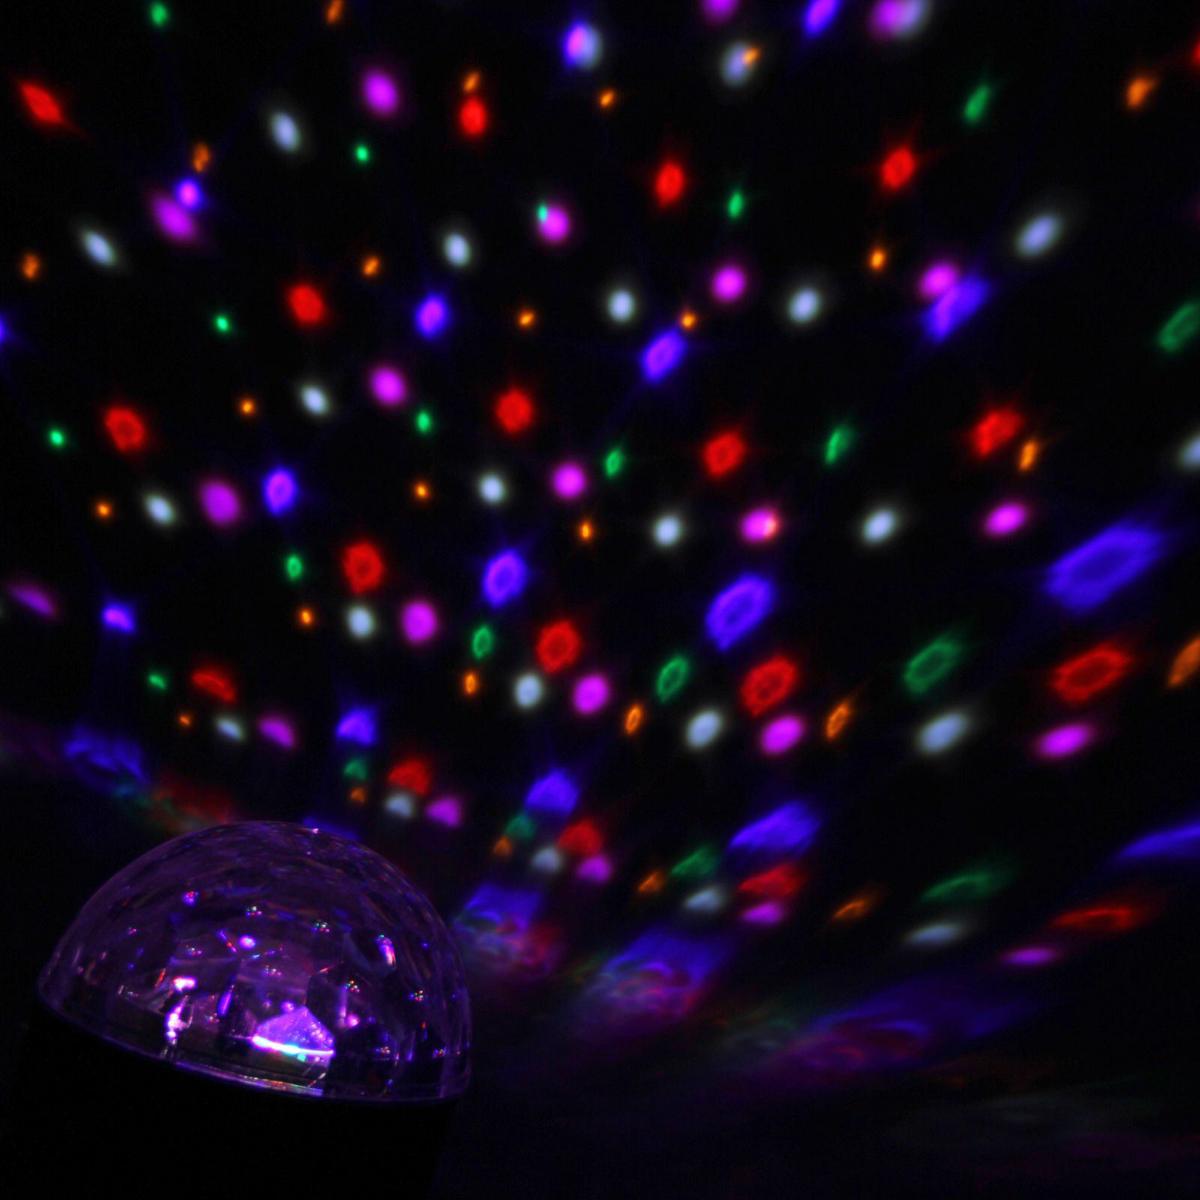 Световой прибор Luazon Магический шар, диаметр 20 см, без музыки, V220720915Светодиодные гирлянды, ленты и т.д — это отличный вариант для новогоднего оформления интерьера или фасада. С их помощью помещение любого размера можно превратить в праздничный зал, а внешние элементы зданий, украшенные ими, мгновенно станут напоминать очертания сказочного дворца. Такие украшения создают ауру предвкушения чуда. Деревья, фасады, витрины, окна и арки будто специально созданы, чтобы вы украсили их светящимися нитями.